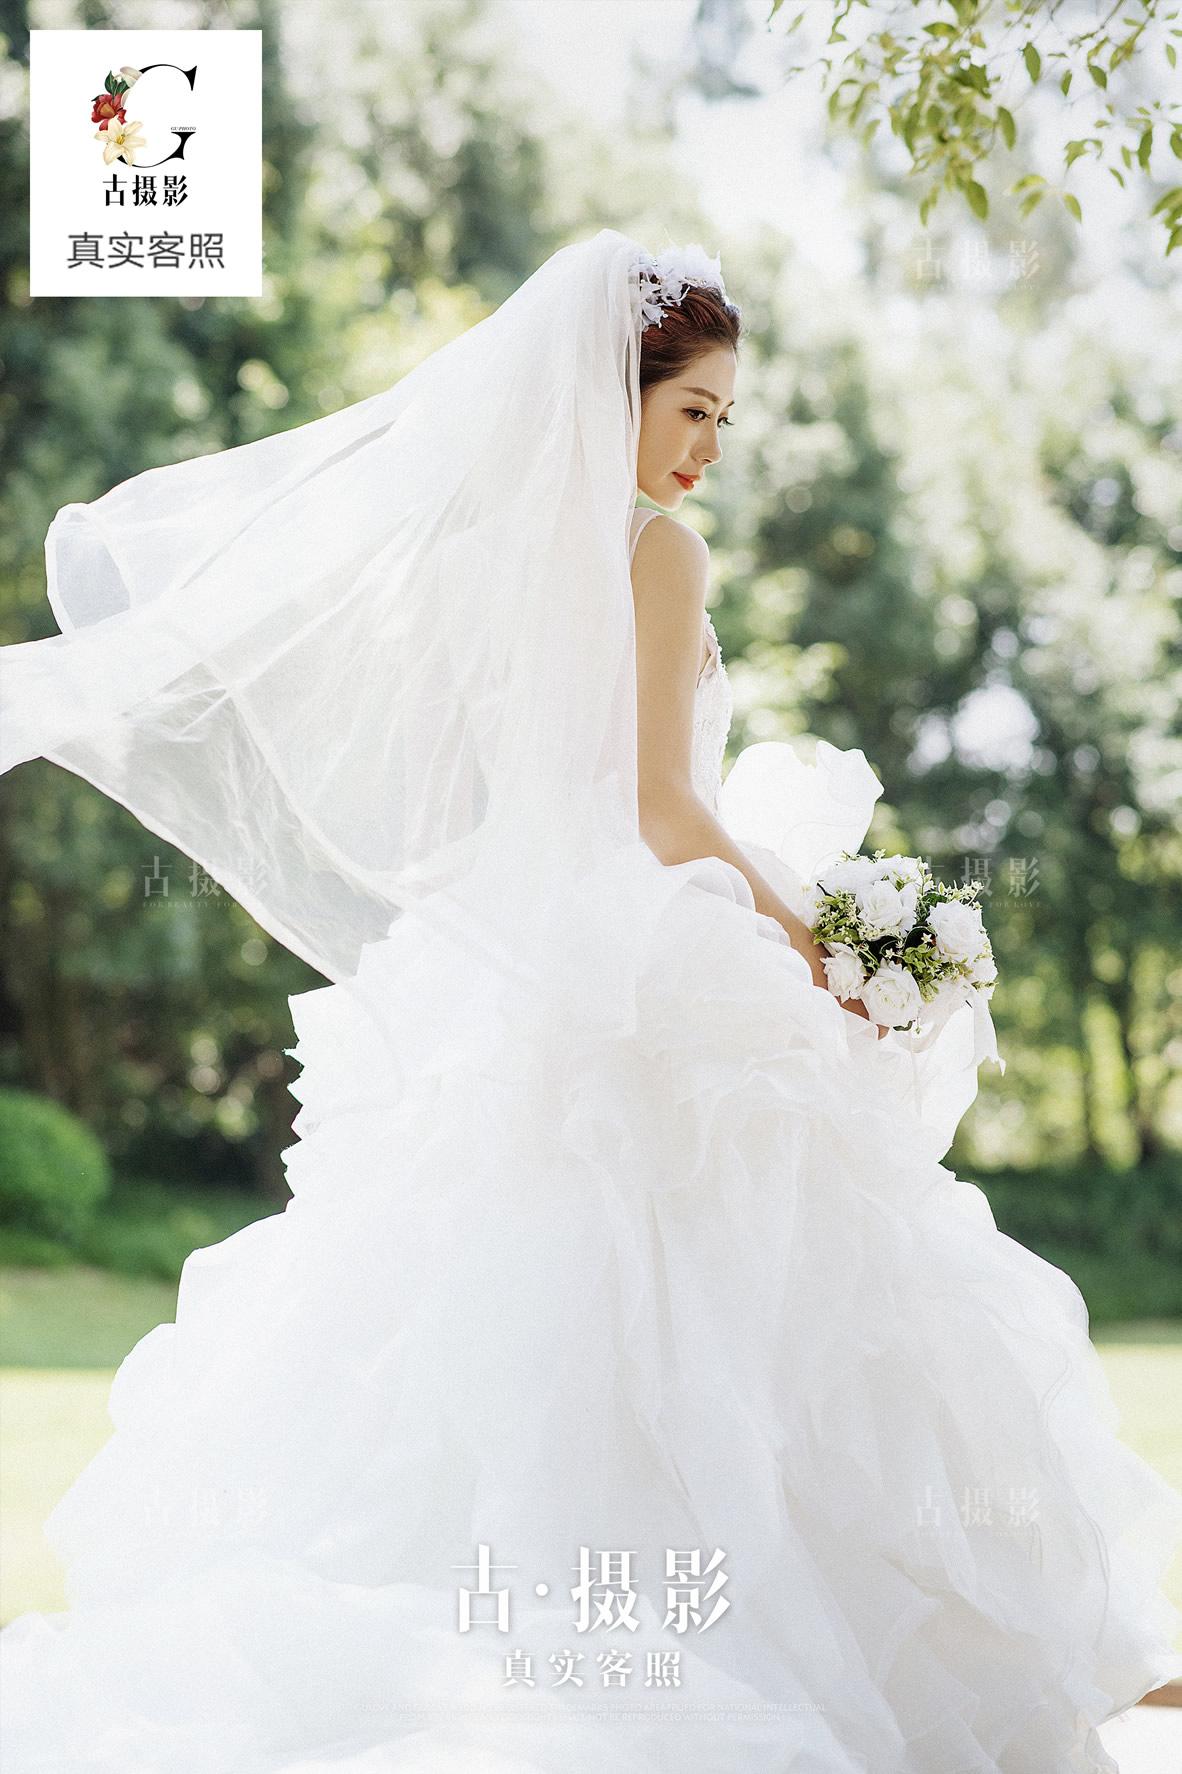 4月3日客片钟先生 梁小姐 - 每日客照 - 广州婚纱摄影-广州古摄影官网